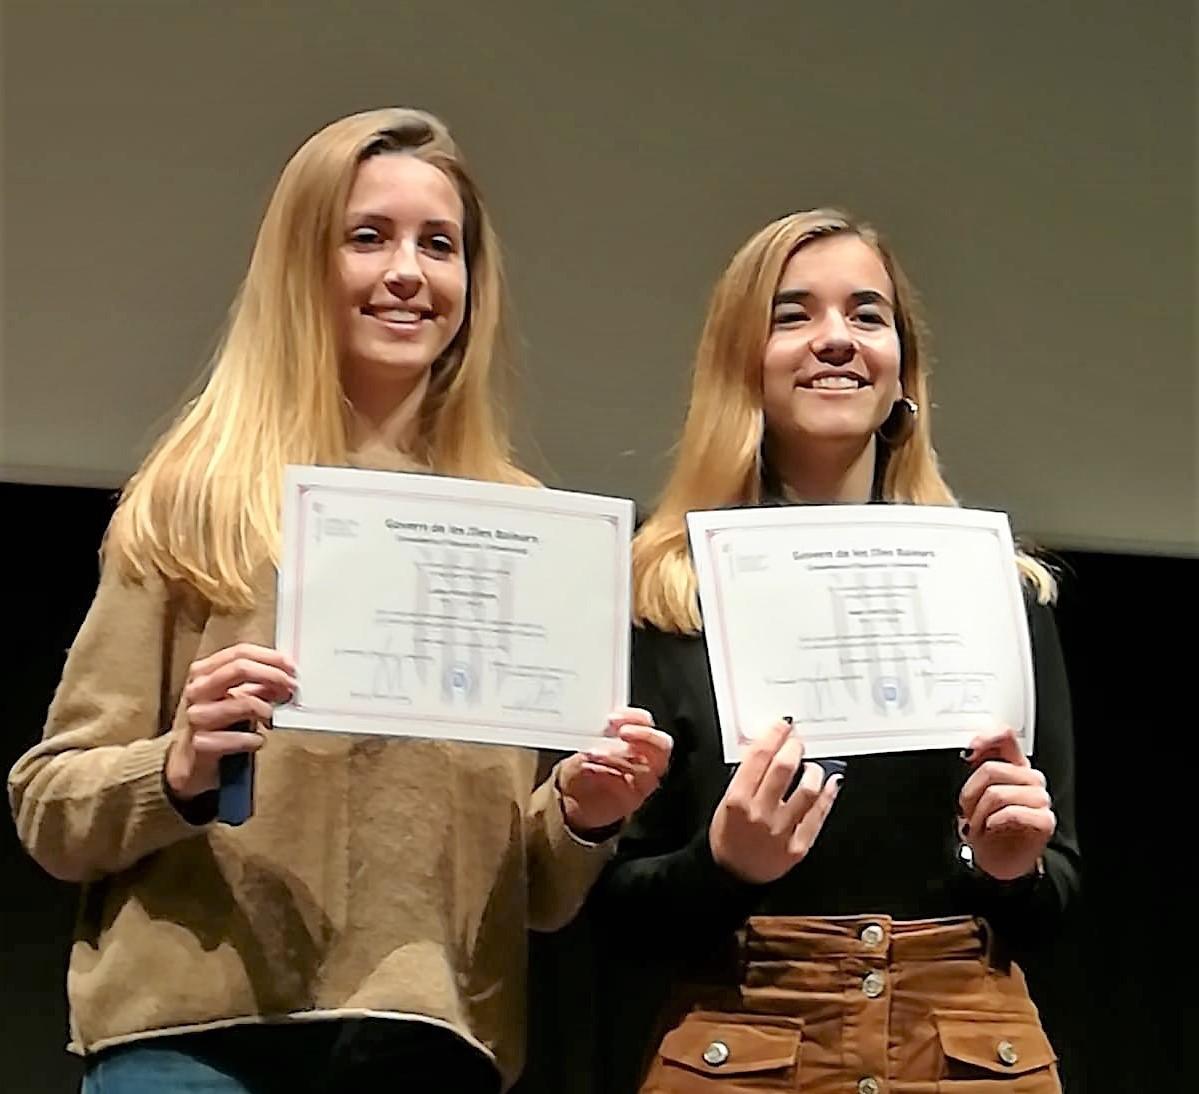 Na Mar i na Clara, reben el premi al rendiment acadèmic excel·lent 2018